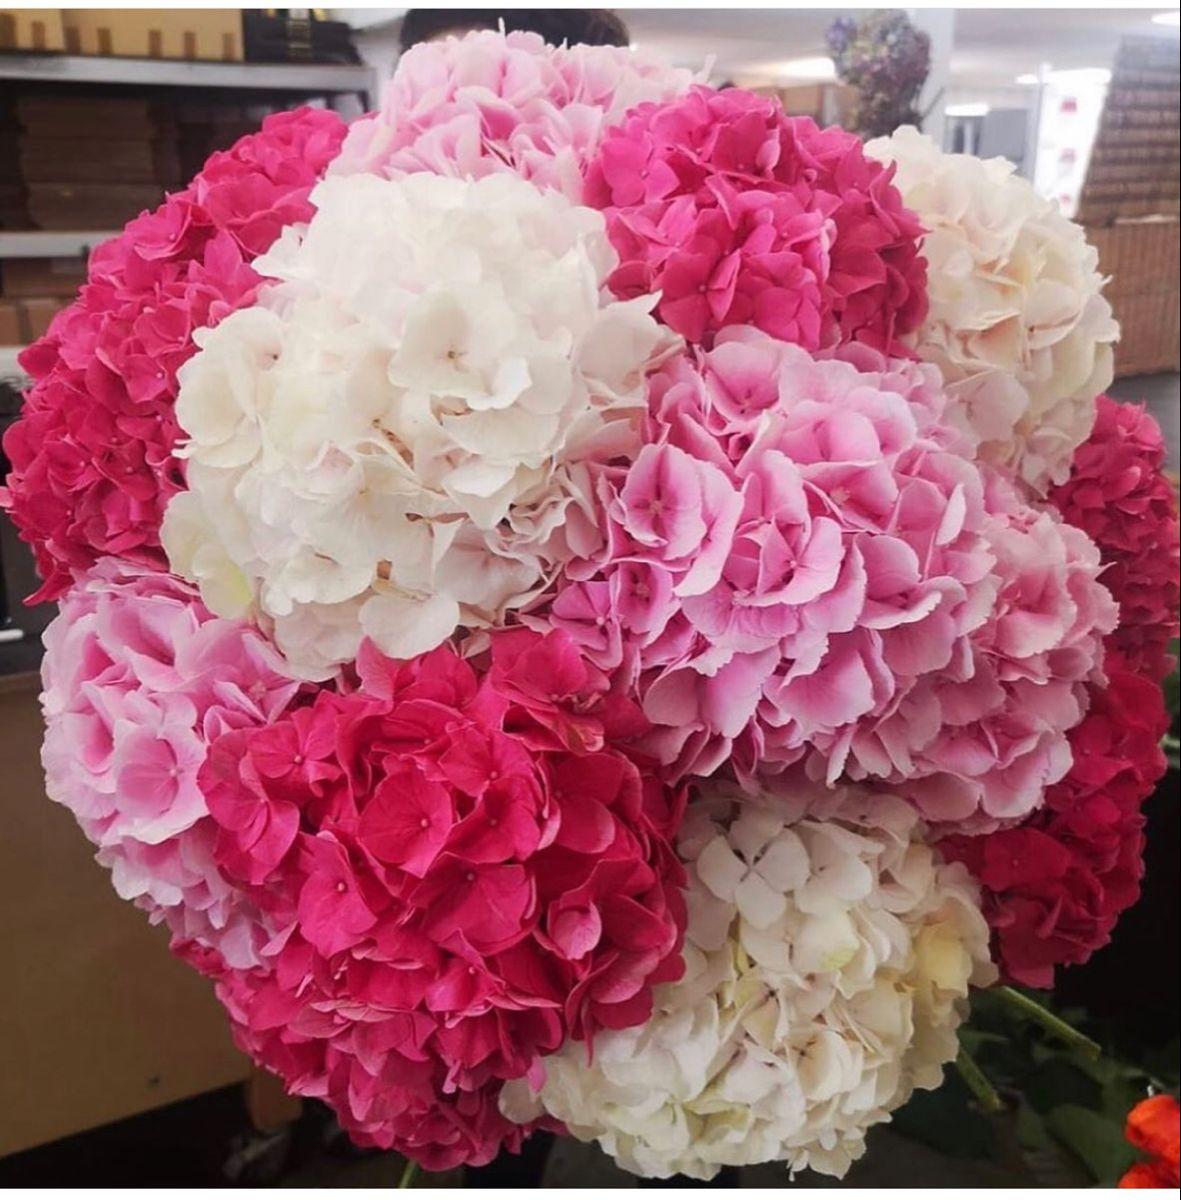 Pink Hydrangea In 2020 Pink Hydrangea Wholesale Flowers Pink Flowers